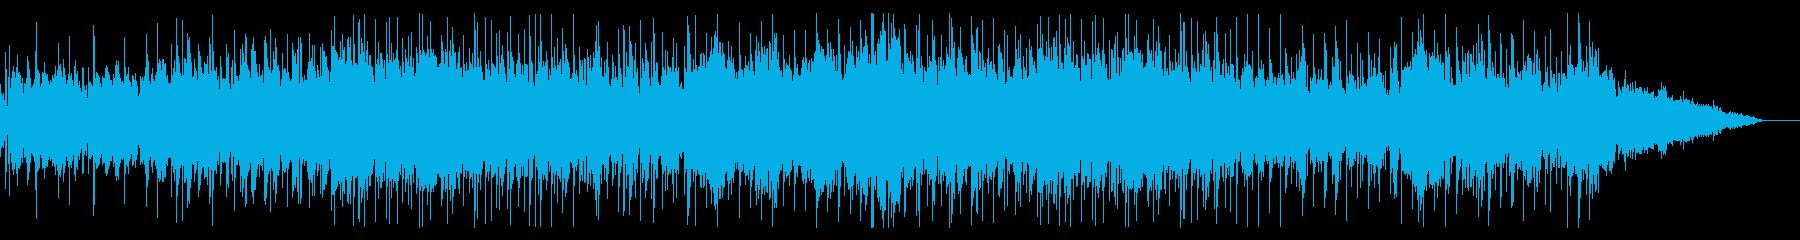 薄暗くホラーなIDMテクスチャの再生済みの波形